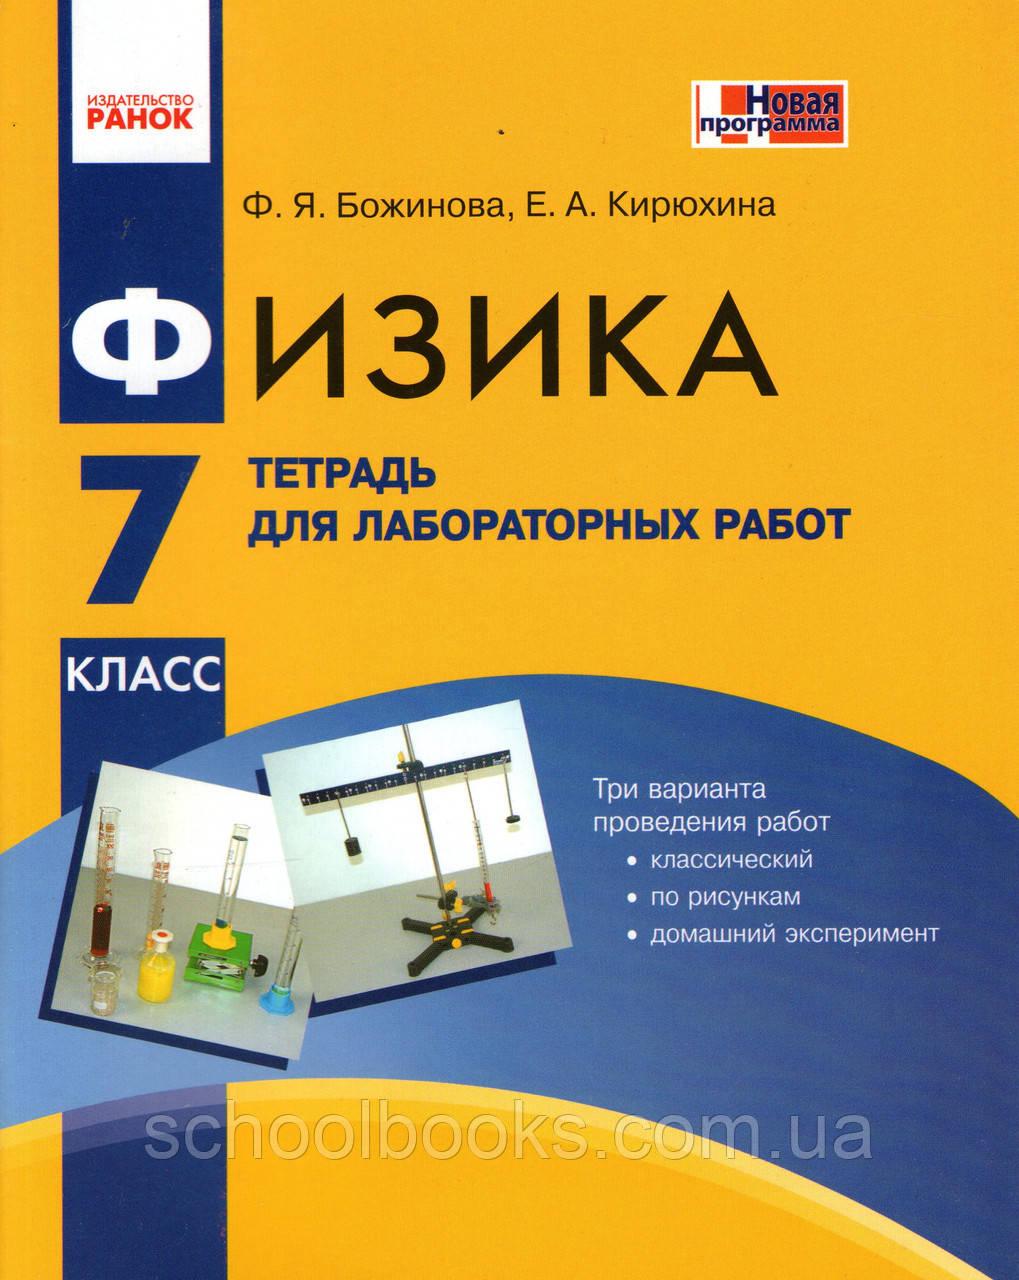 Решение на тетрадь для лабораторных работ по физике 7 класс автор ф.я.божинова